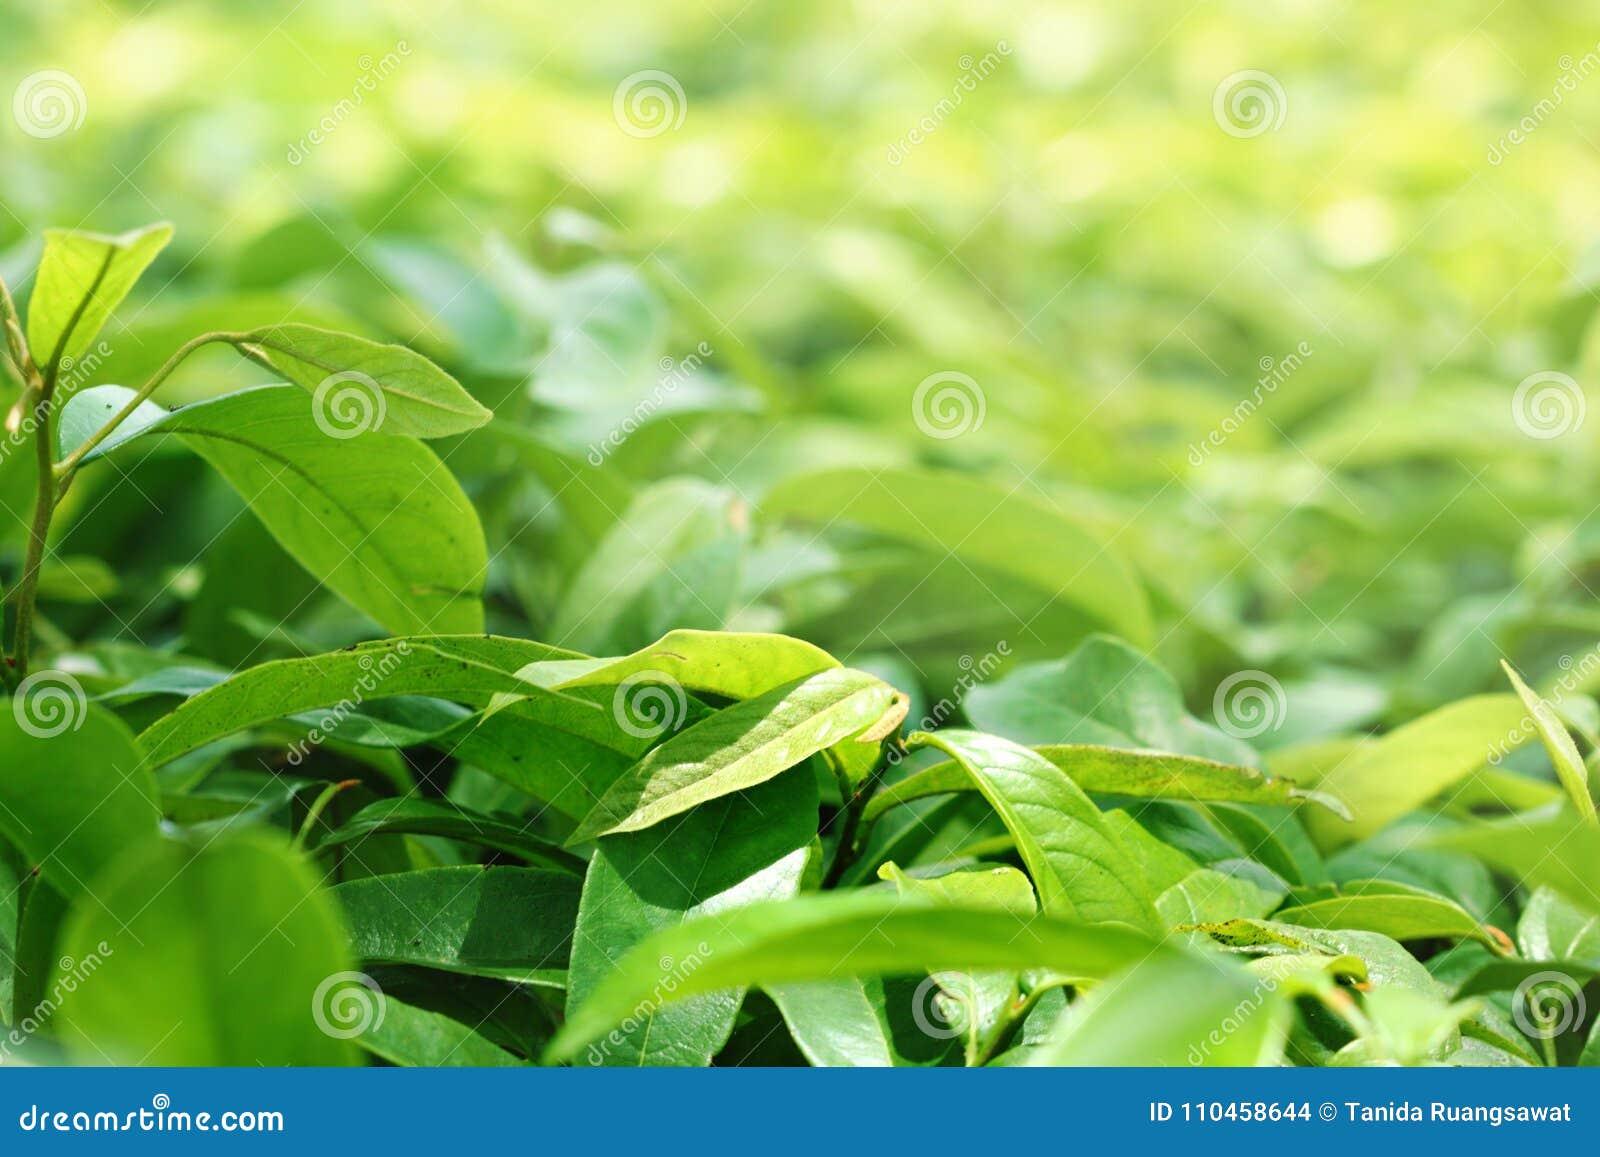 Gräsplansidagruppen av växter har solljus